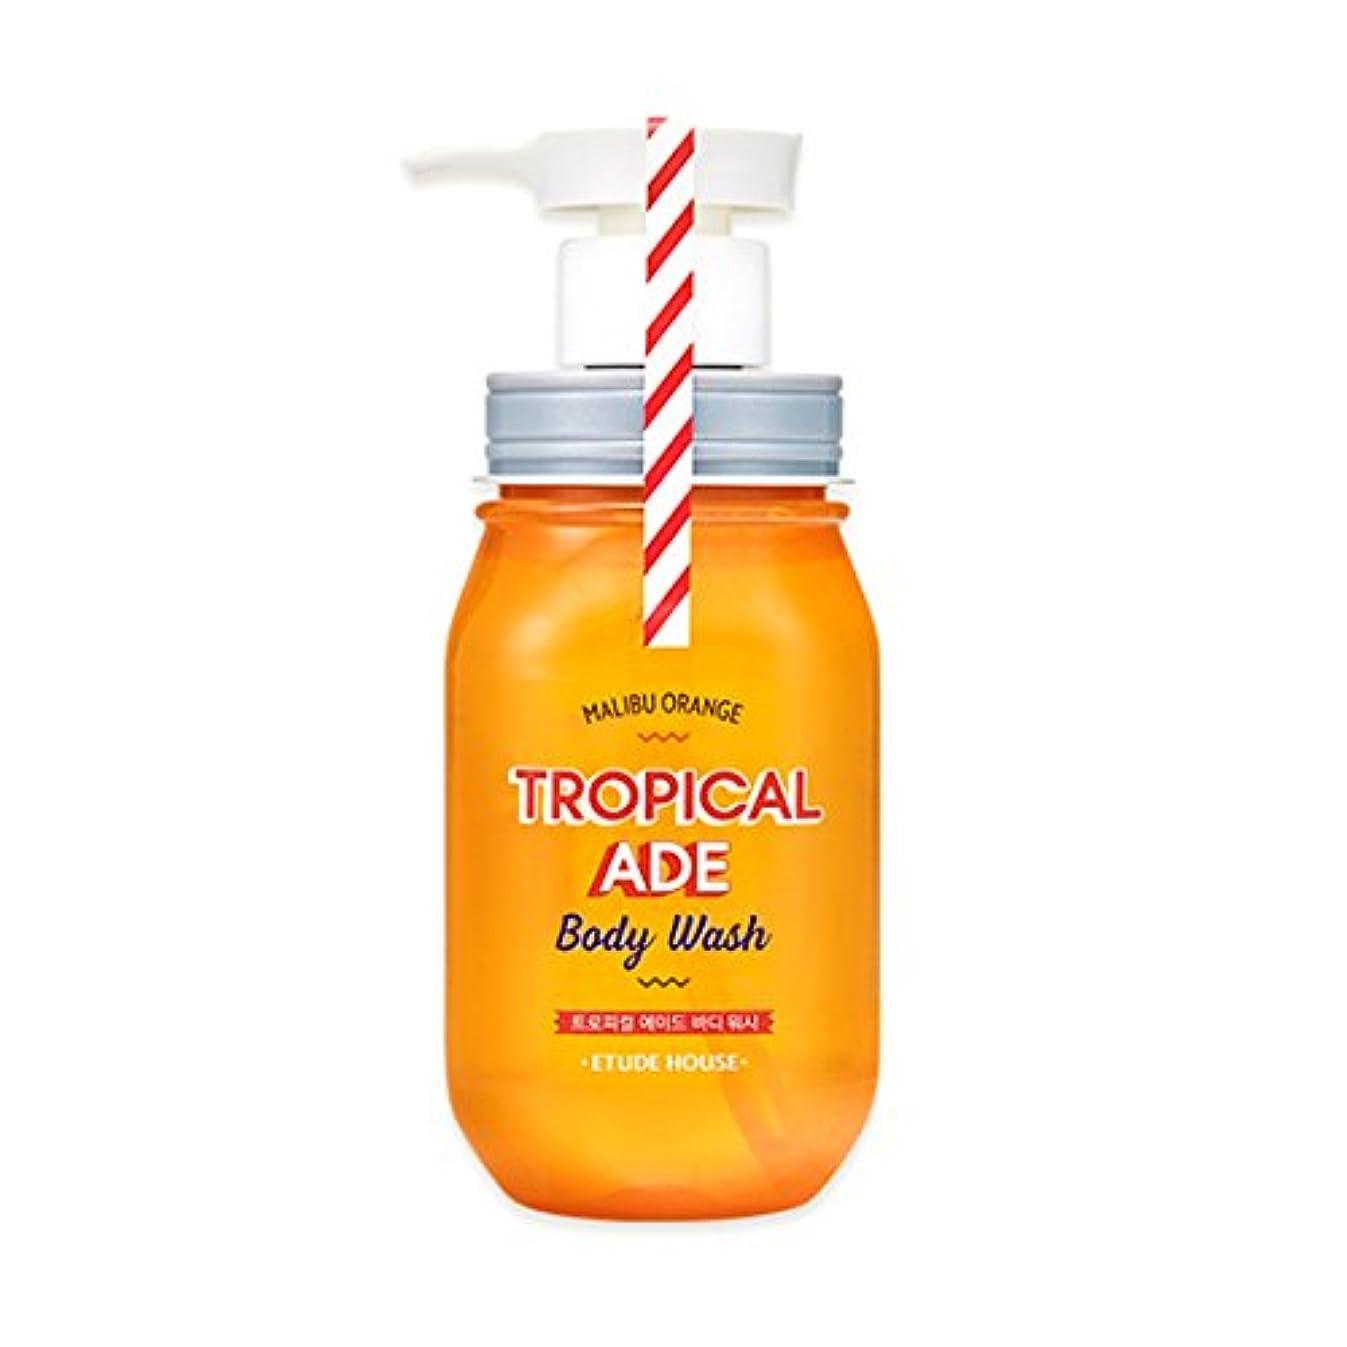 以前は罹患率限界ETUDE HOUSE TROPICAL ADE Body Wash # Malibu Orange /エチュードハウス トロピカルエイドボディウォッシュ 300ml [並行輸入品]